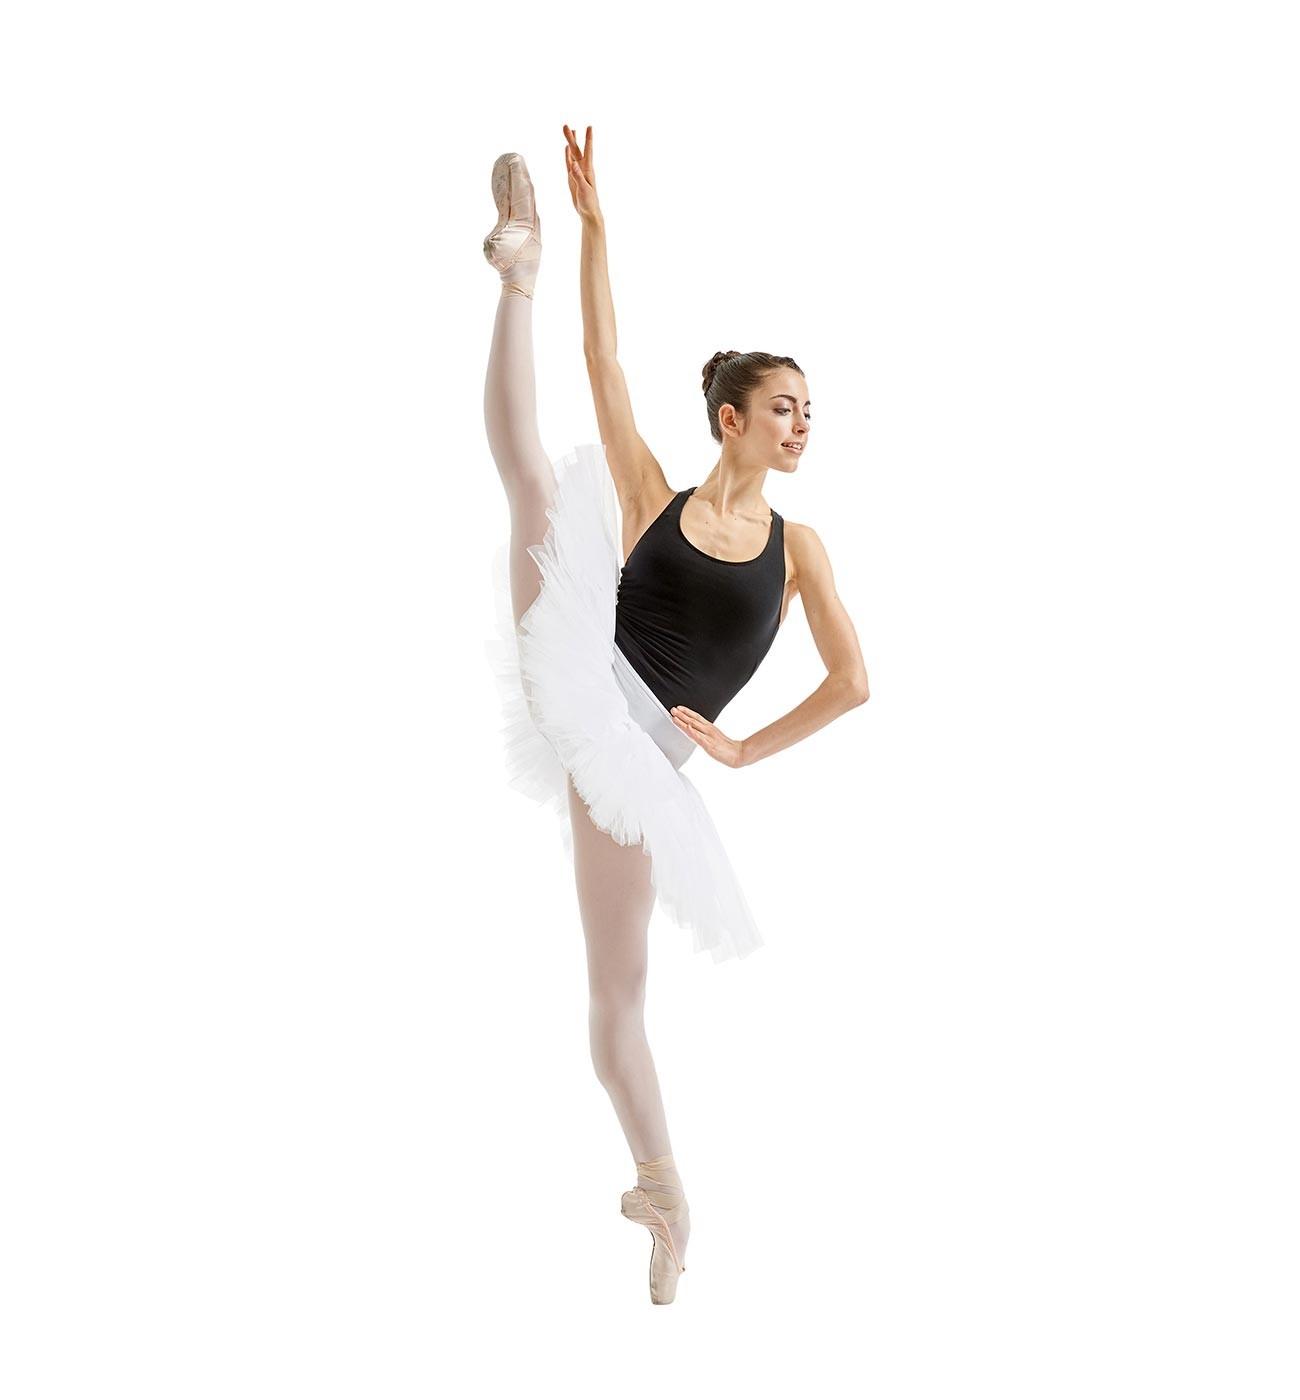 לבן חצאית טוטו Adelaide של Lulli משבע שכבות טול LUBTUP01